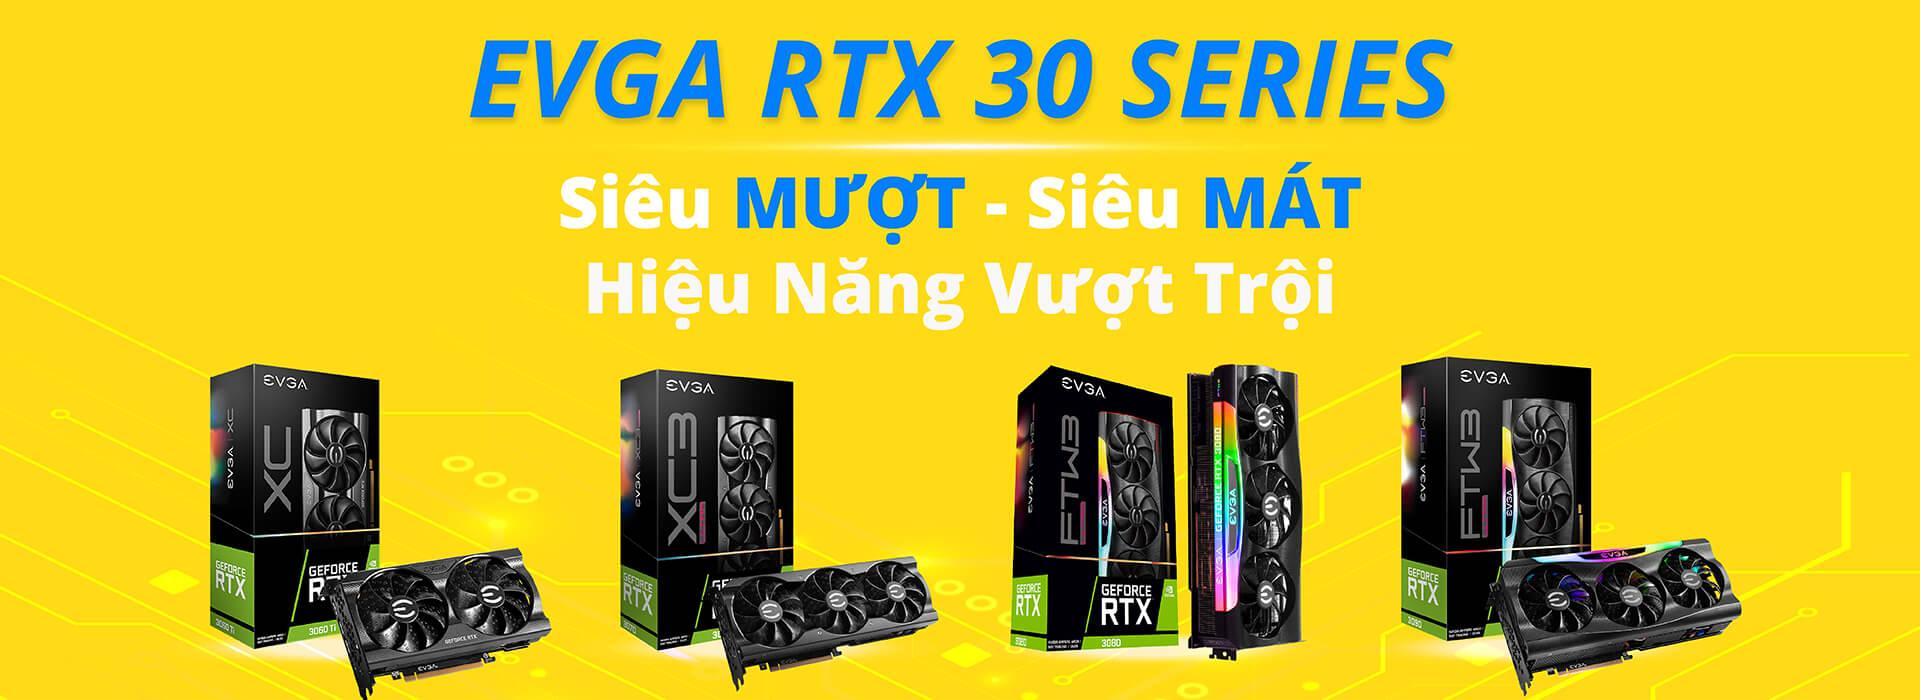 EVGA - RTX 30 Series - Siêu Mượt - Siêu Mát - Hiệu Năng Vượt Trội